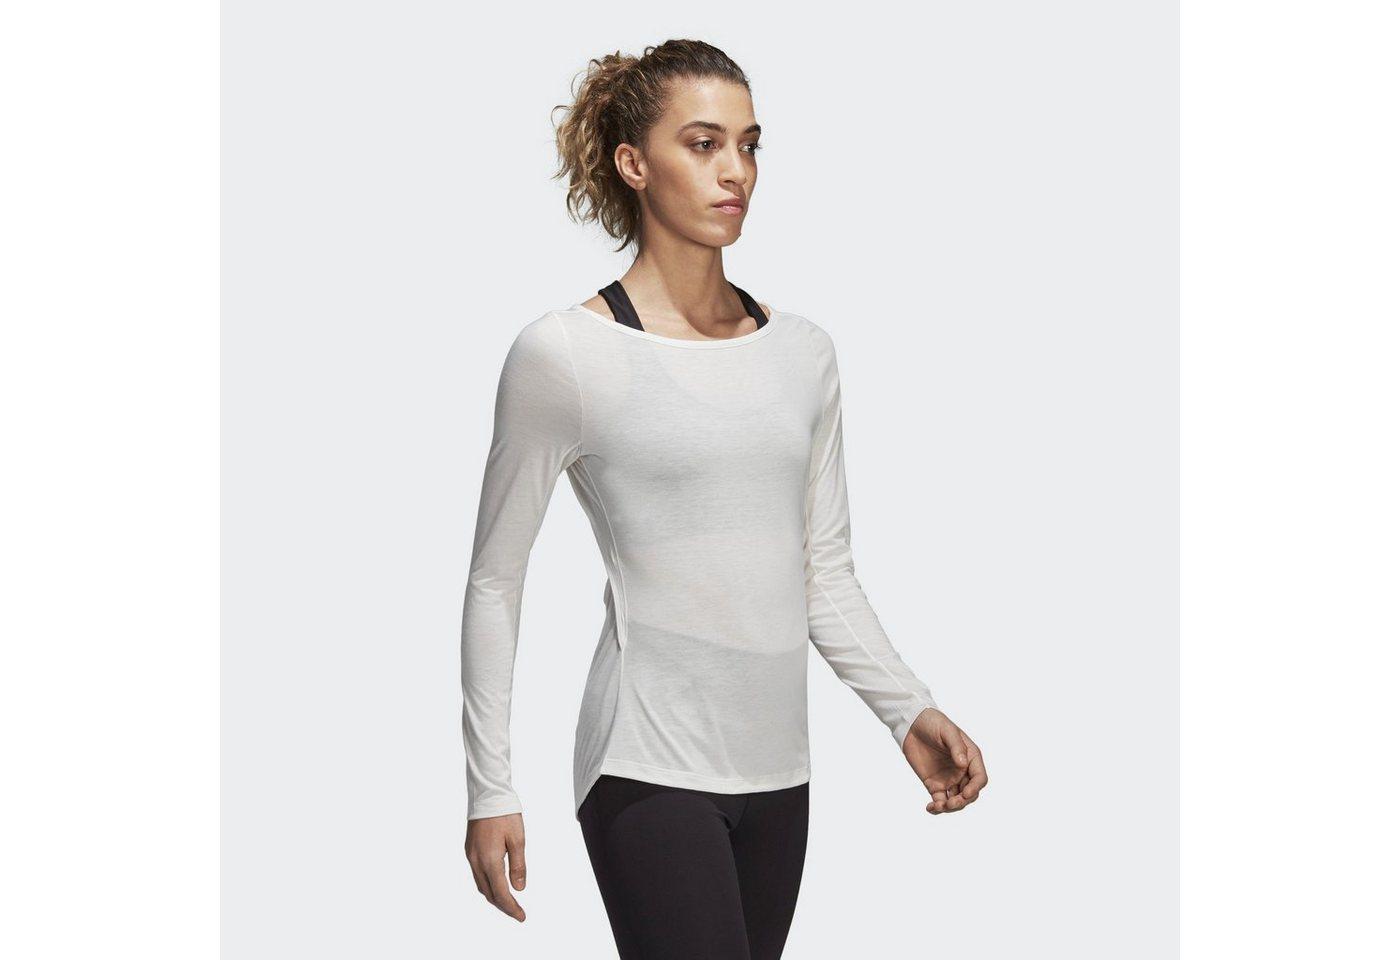 Damen adidas Performance Langarmshirt Wanderlust Longsleeve weiß   04059807098372